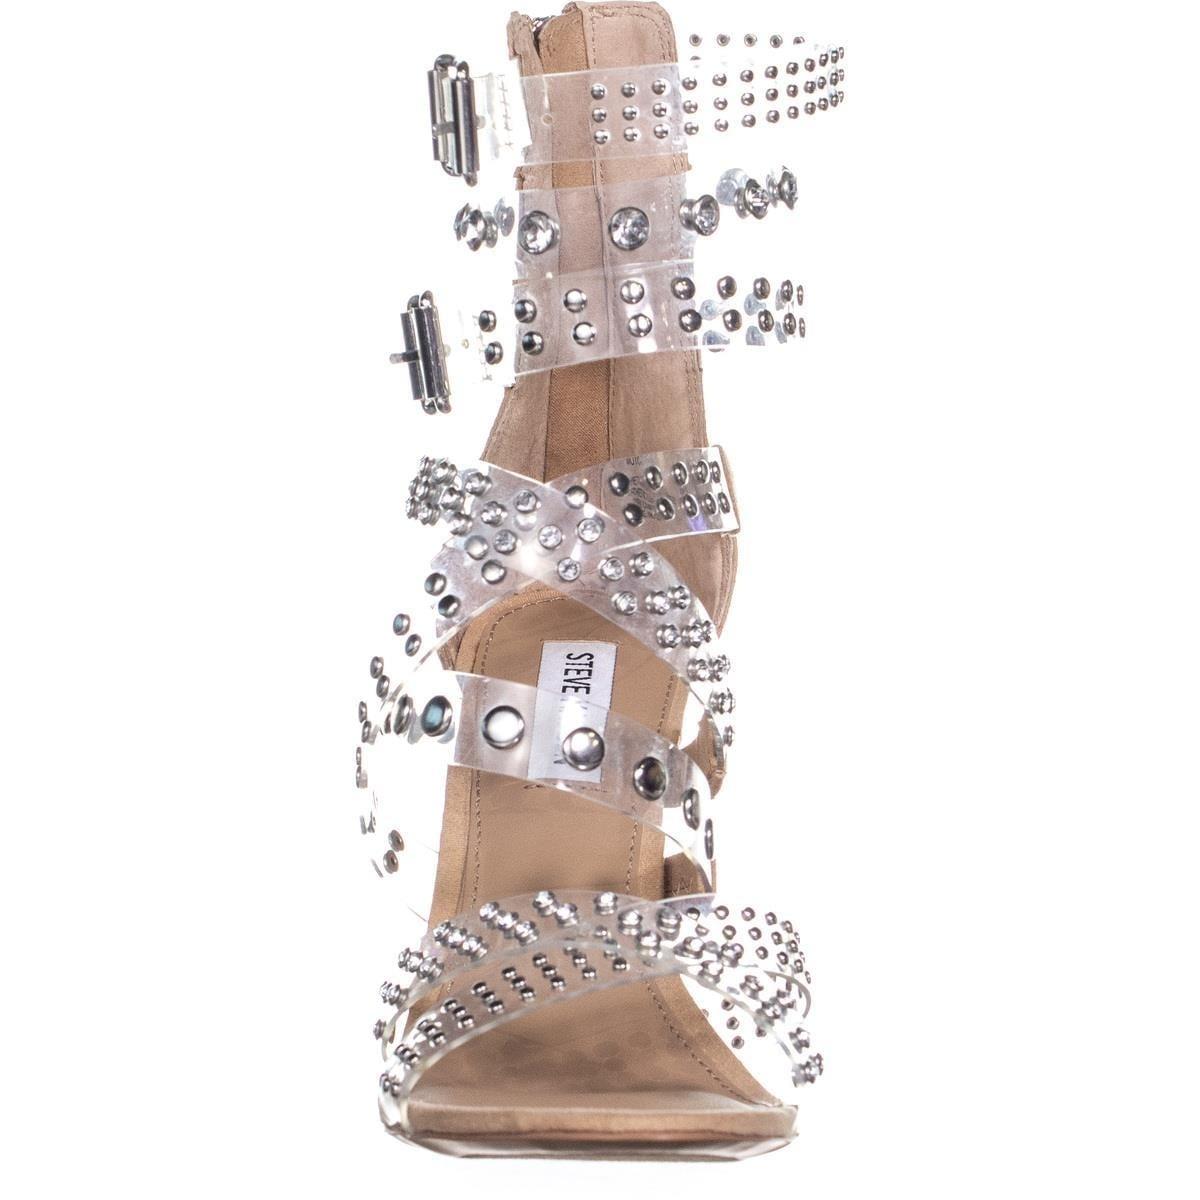 38c6c88d3352 Shop Steve Madden Moto Studded Gladiator Sandals